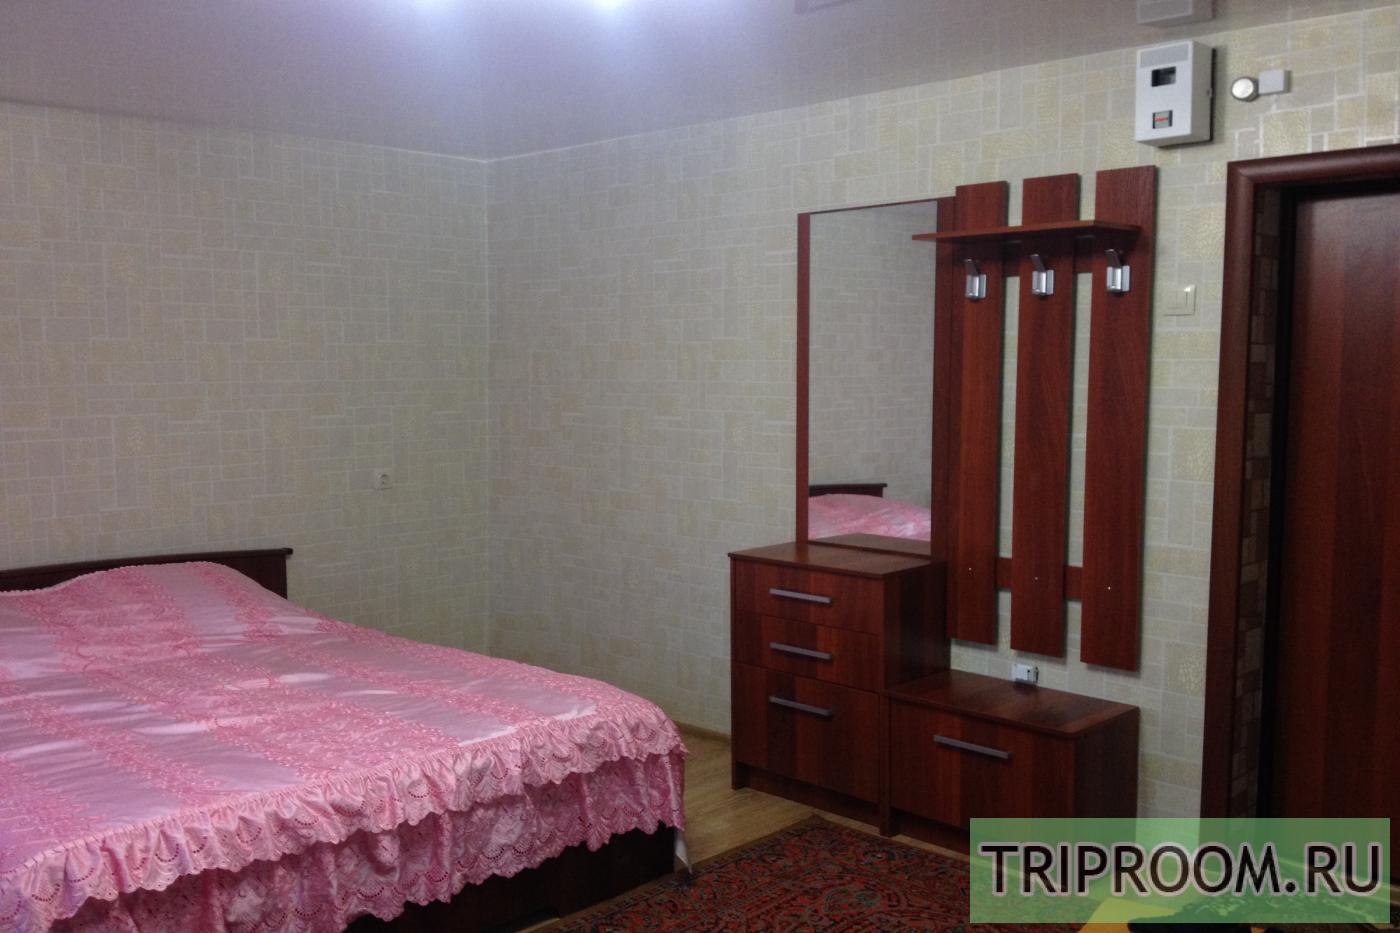 1-комнатная квартира посуточно (вариант № 5102), ул. Ольховый переулок, фото № 2